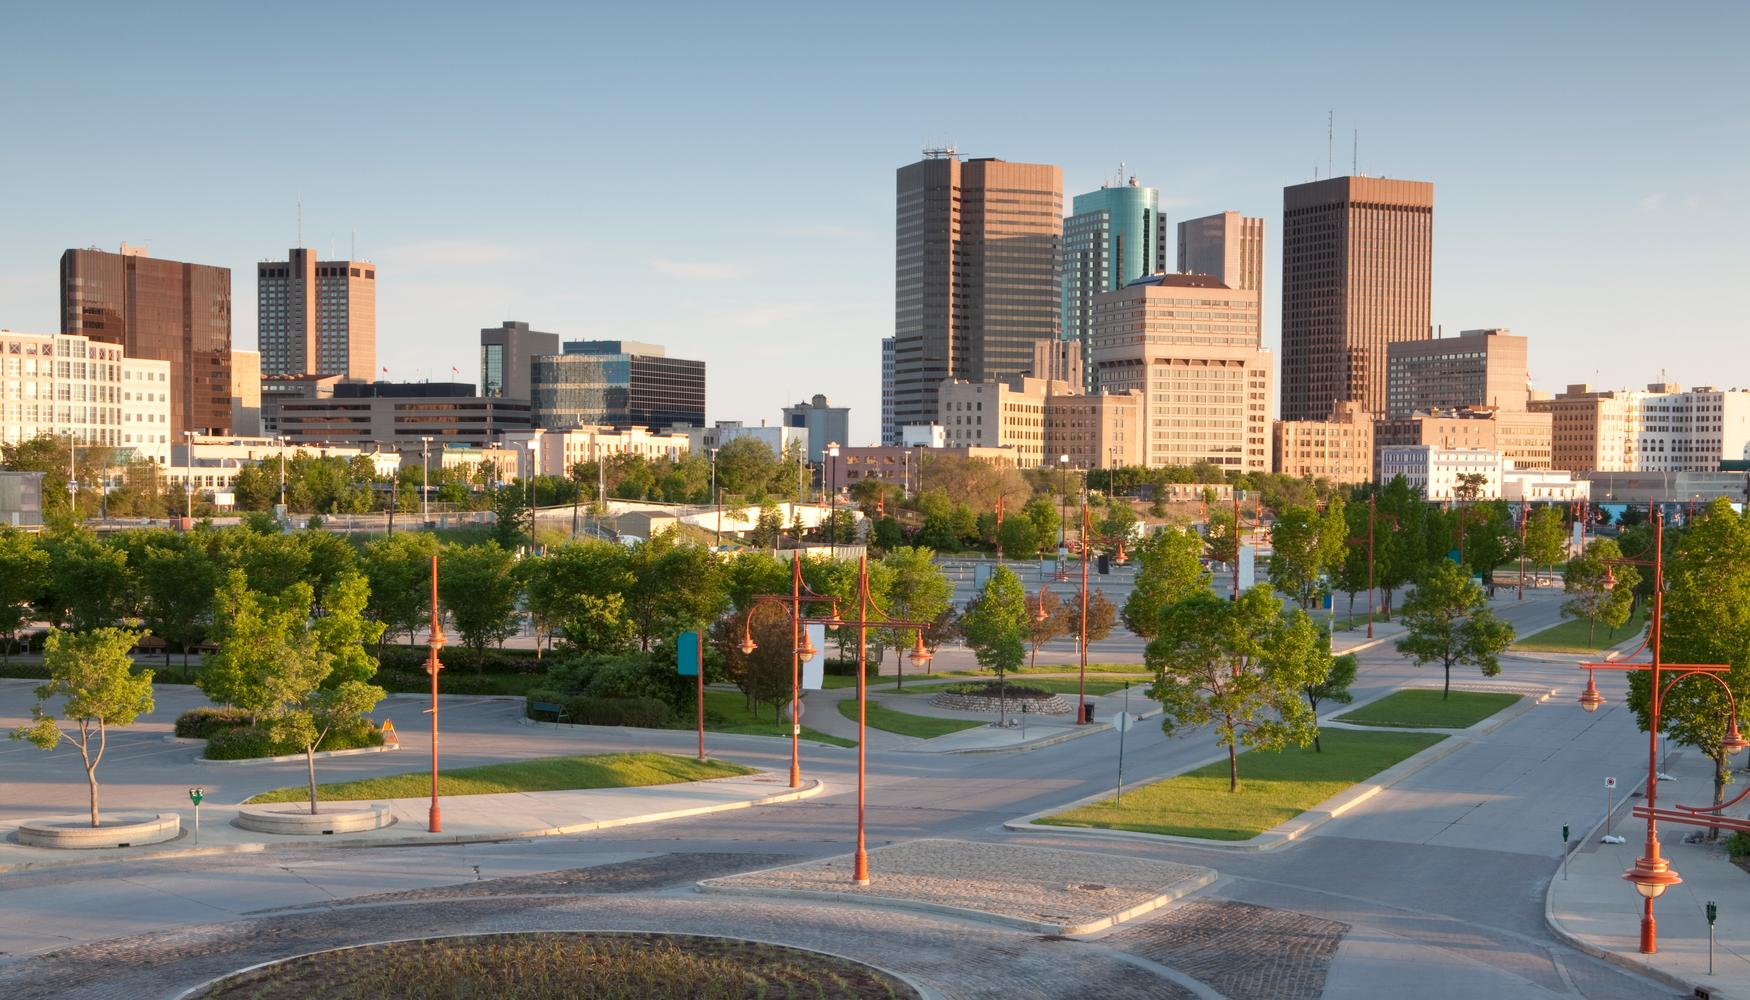 Alquiler de coches en Aeropuerto Winnipeg